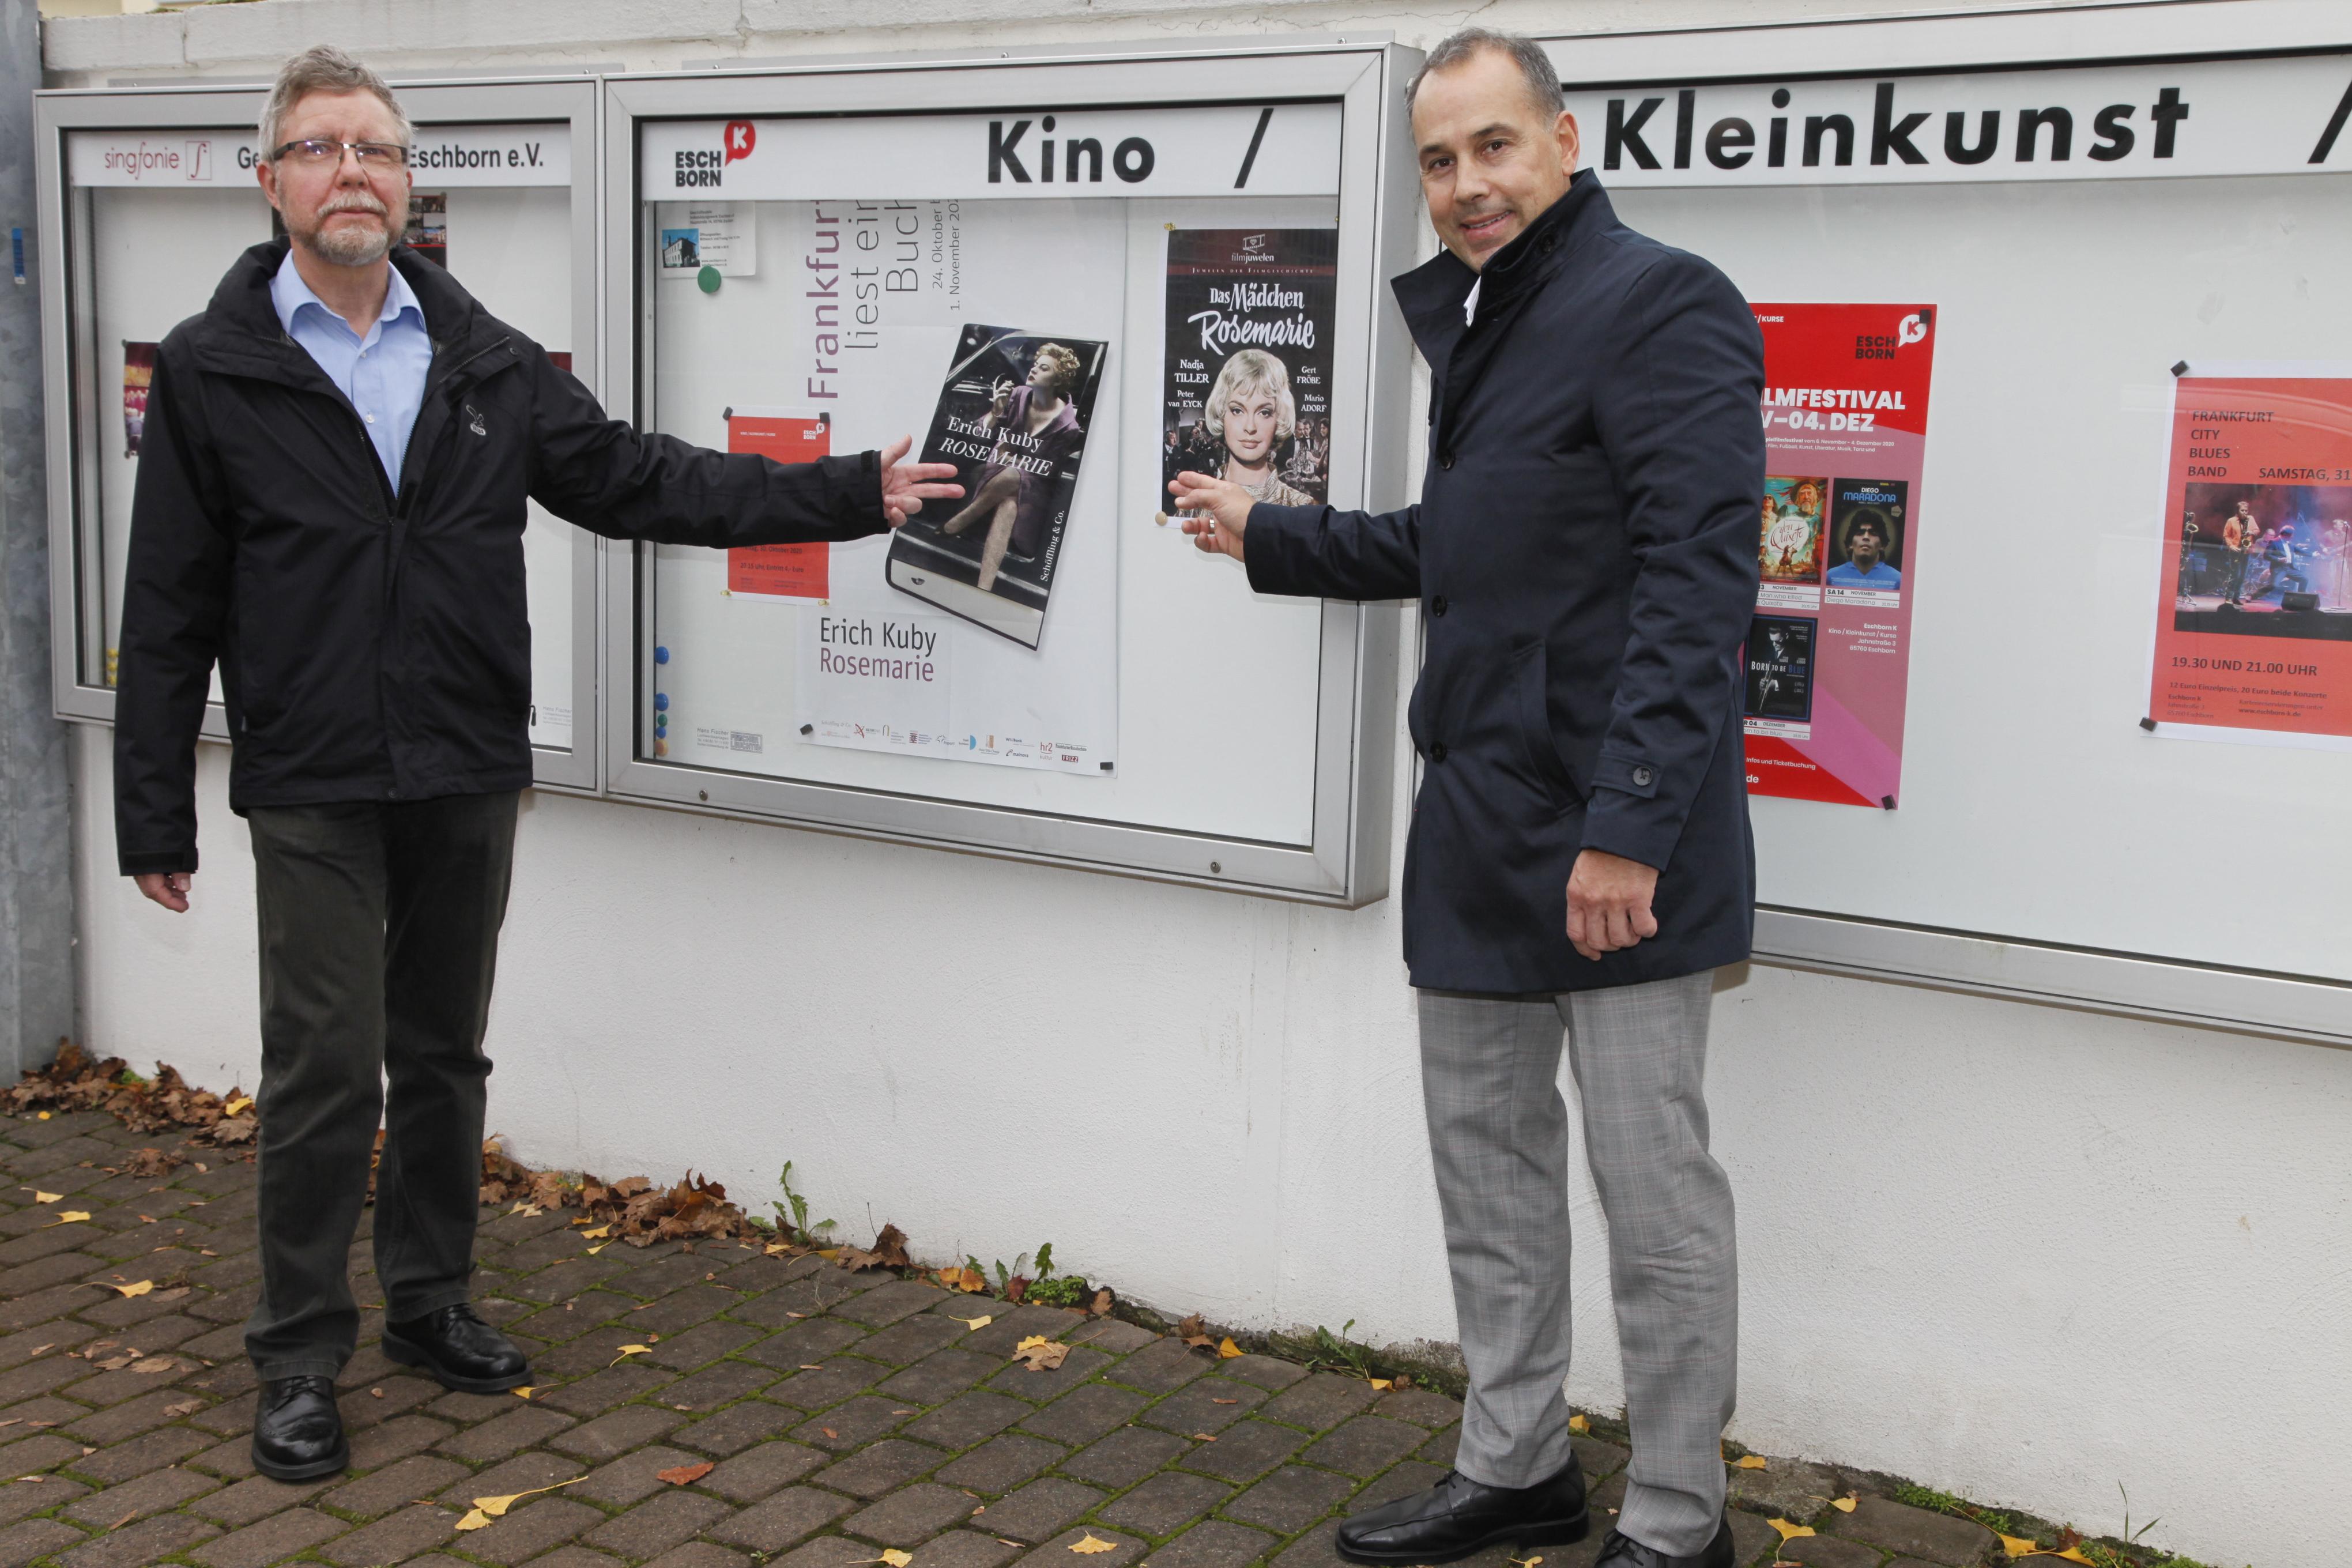 Benno Moritz vom Filmbeirat des Eschborn K mit Bürgermeister Adnan Shaikh (rechts) vor einem Schaukasten des Kinos.